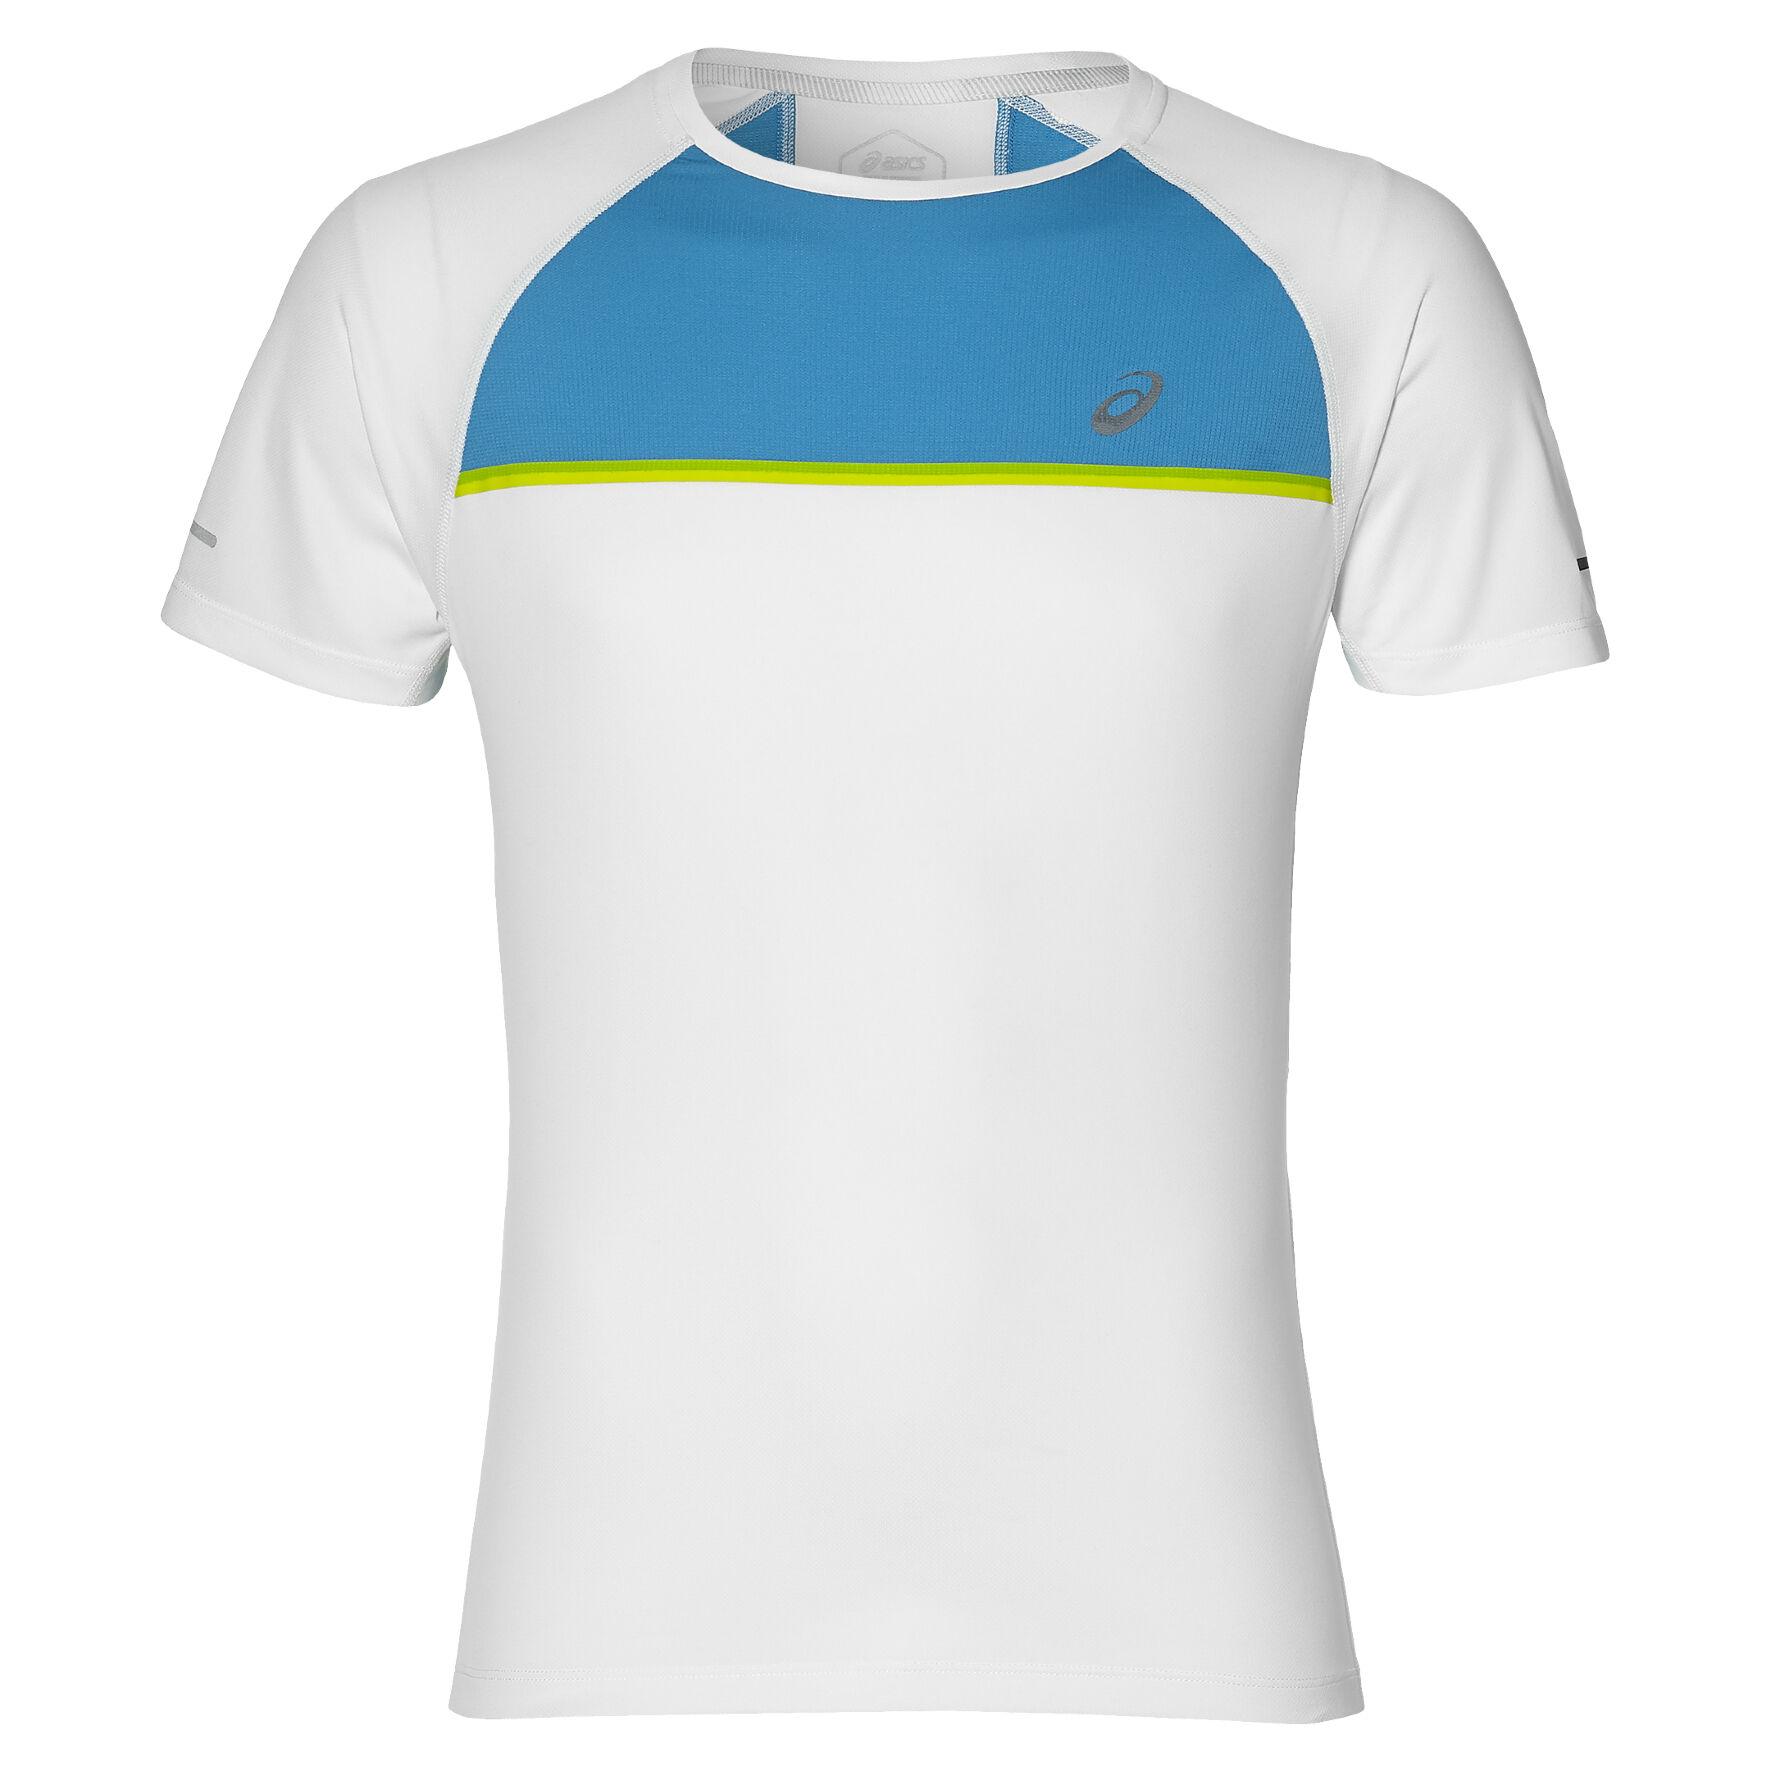 T Shirt Herren Weiß, Türkis